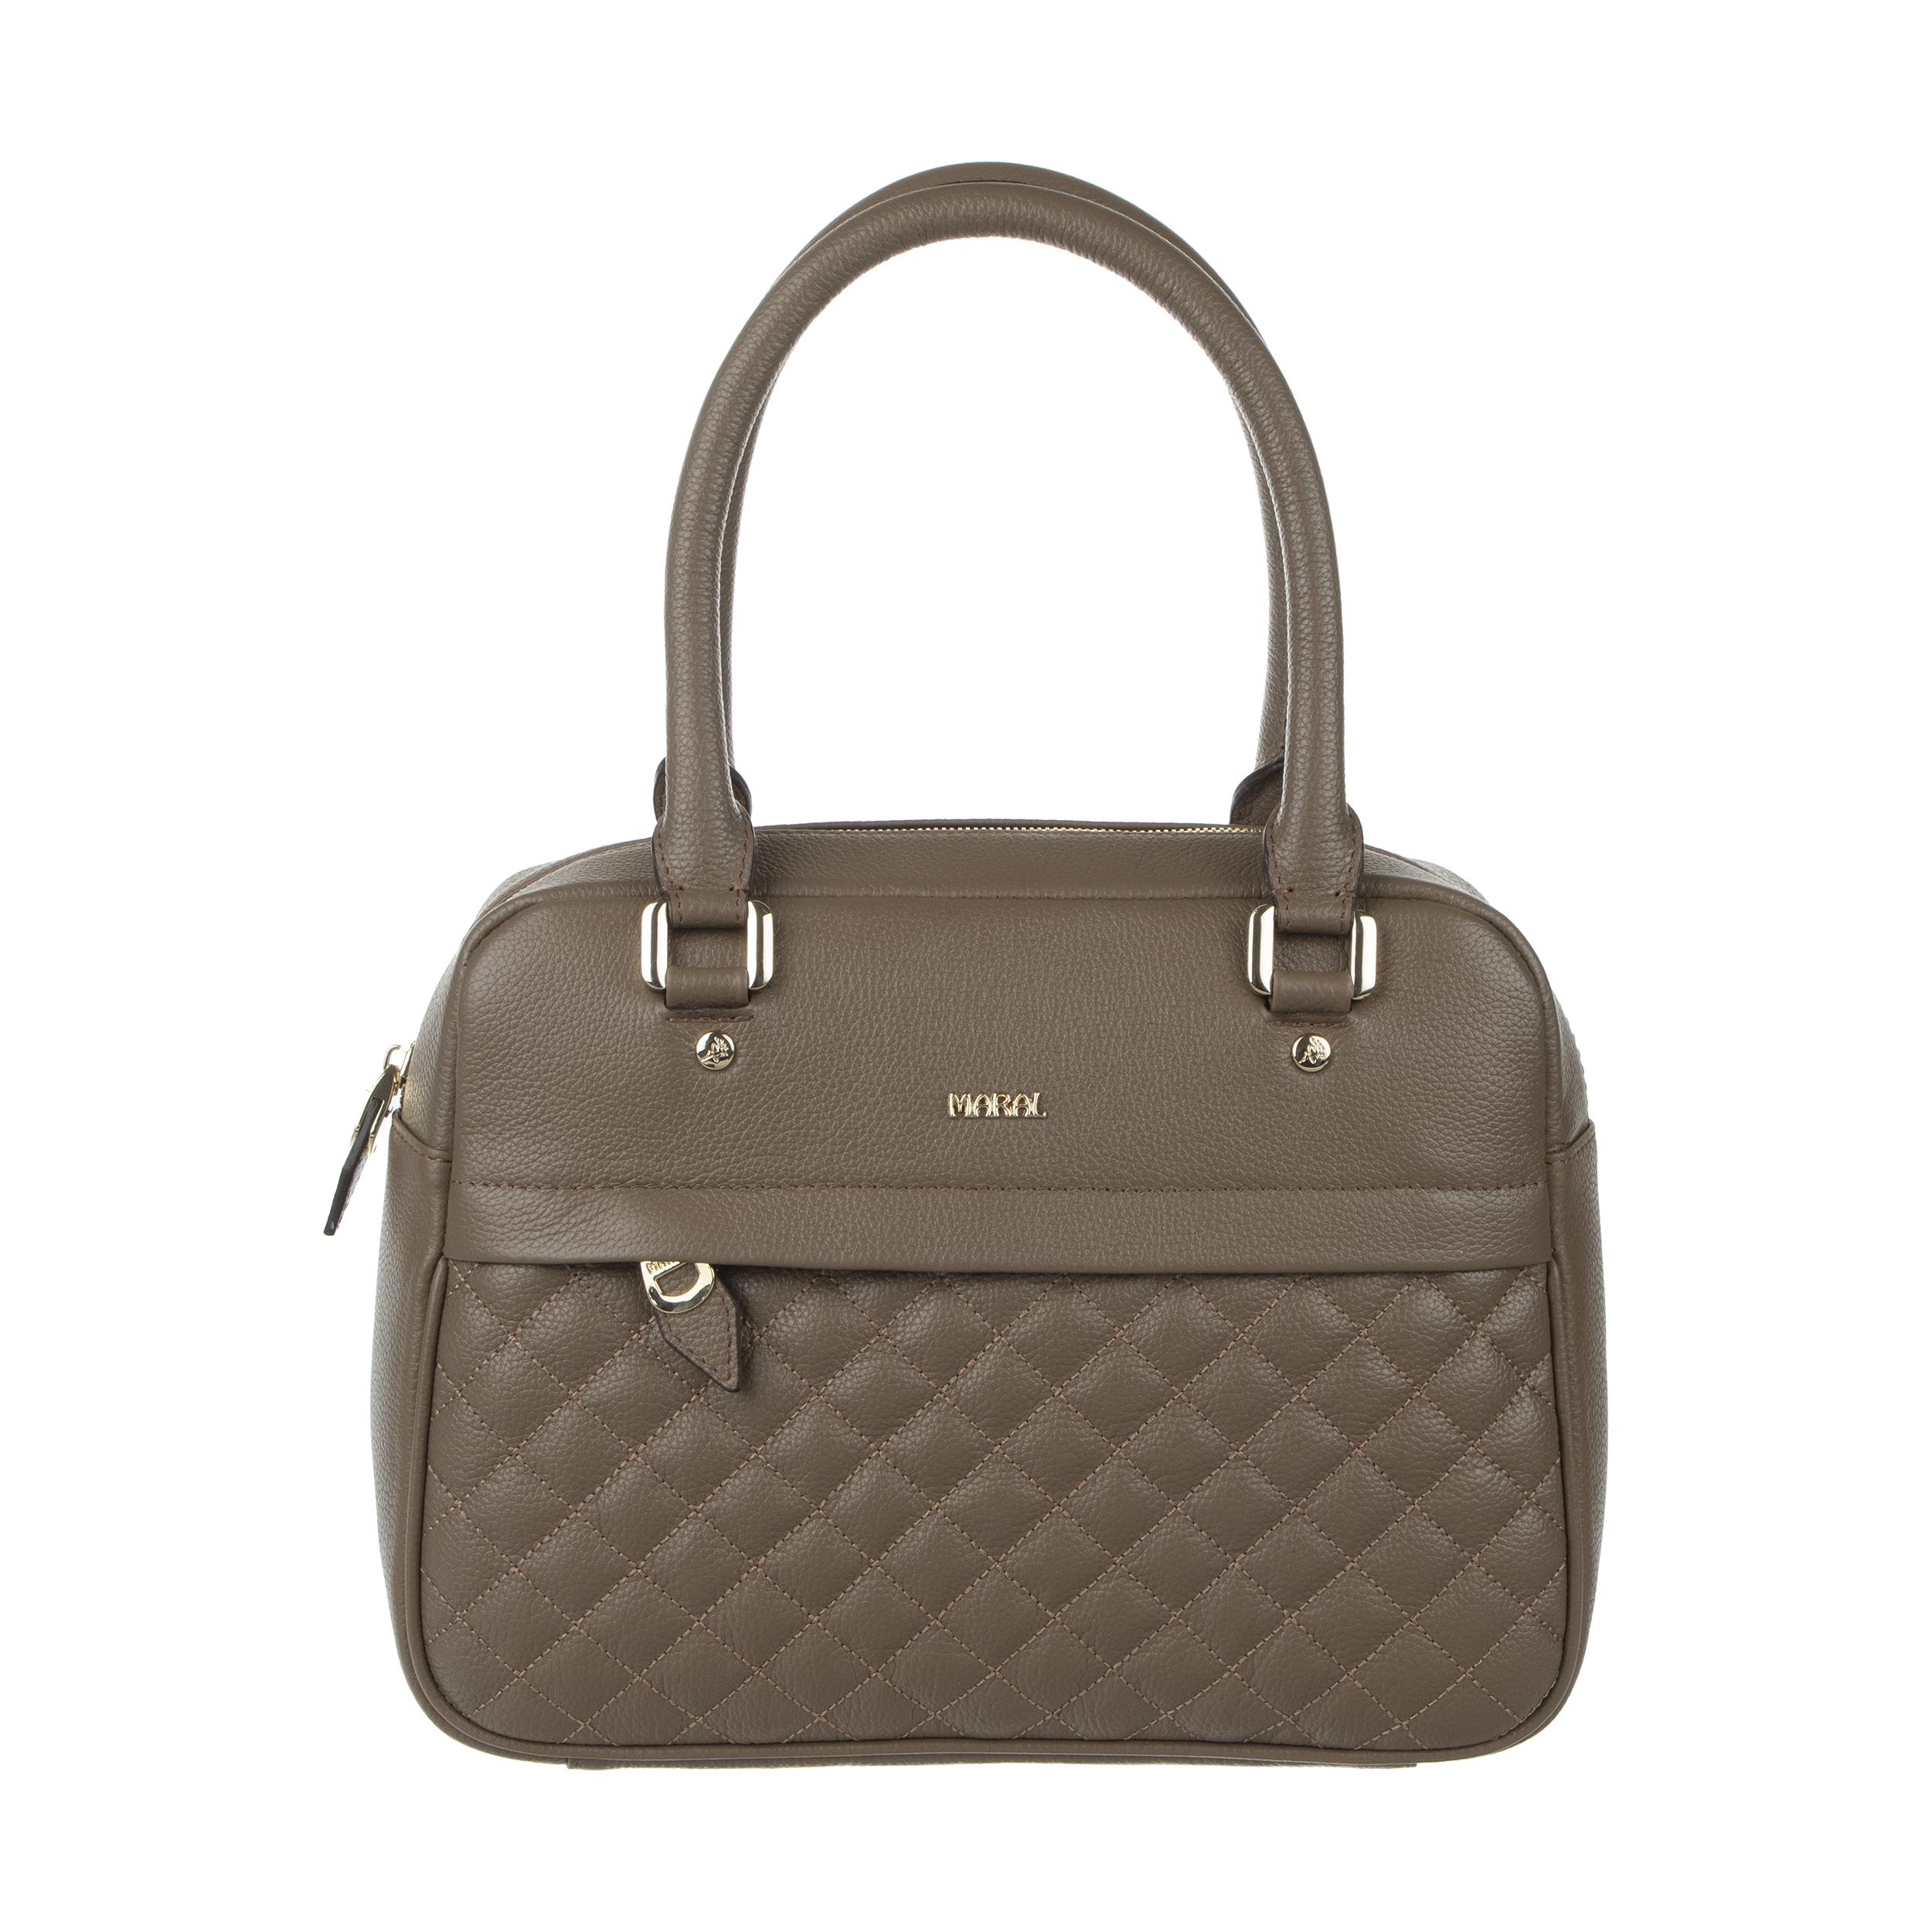 کیف دستی زنانه مارال چرم مدل 3605870070